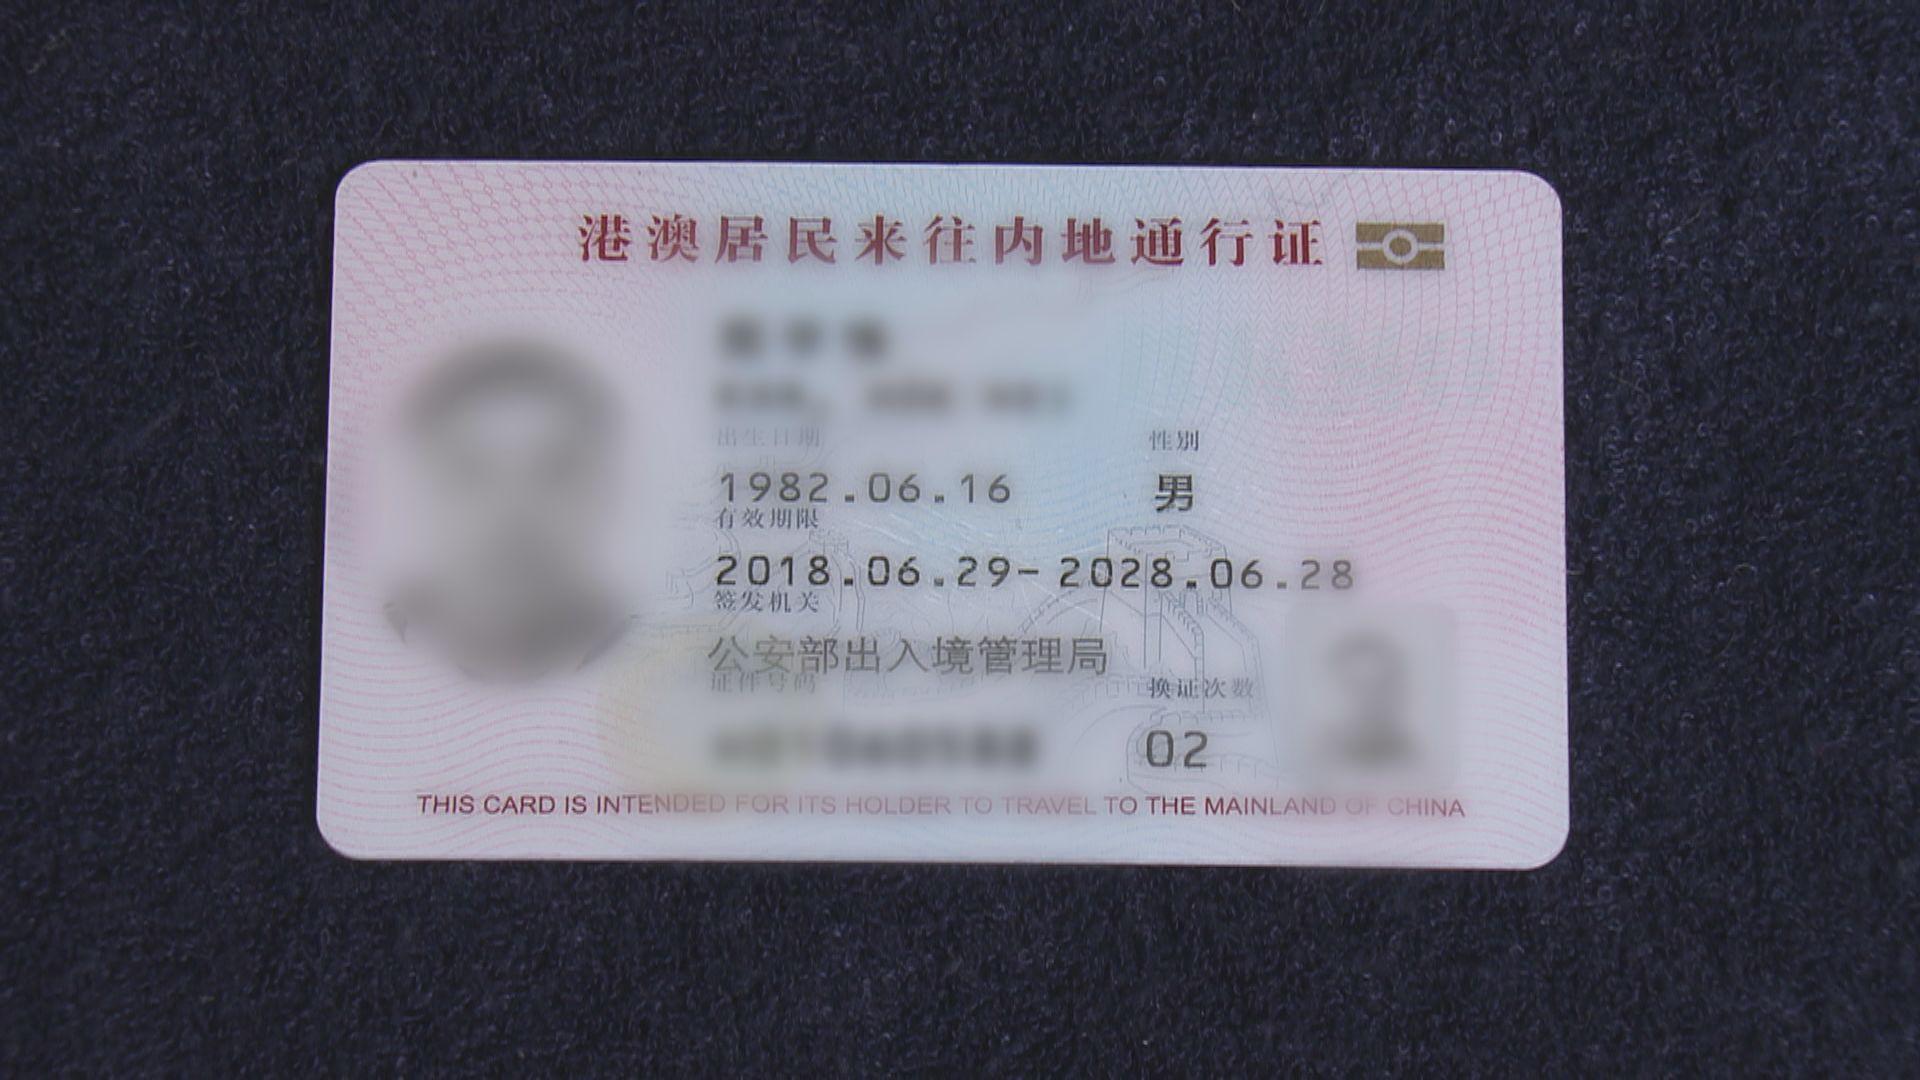 港人十月起持回鄉證可處理多項網上事務